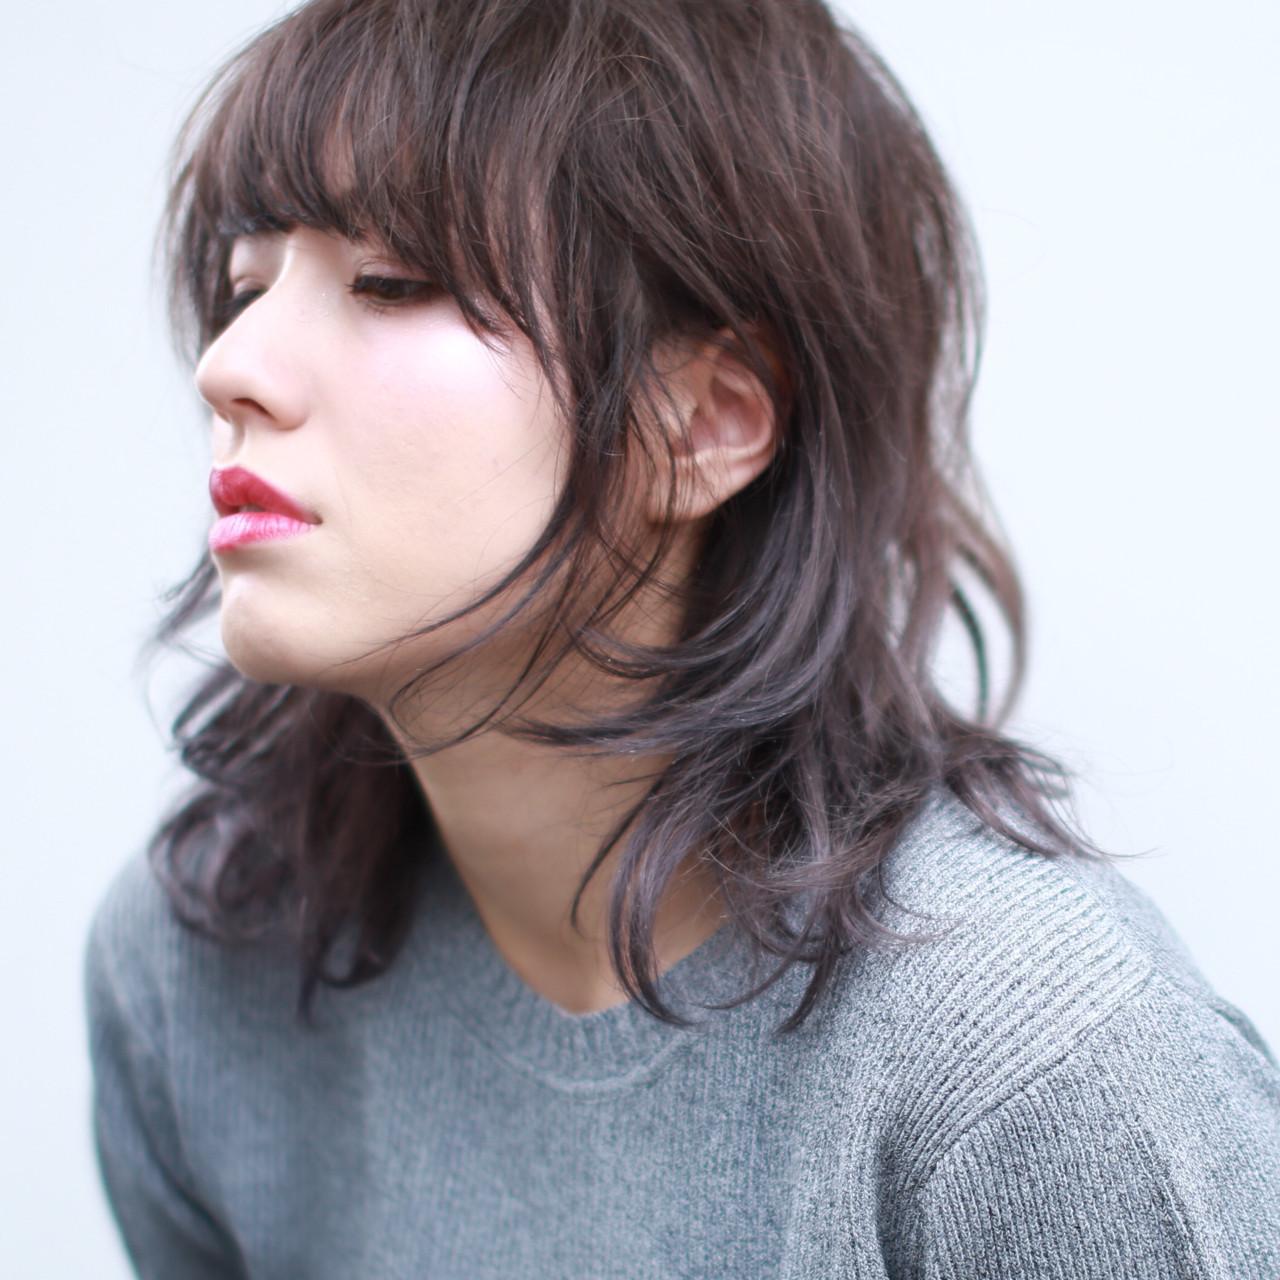 【髪型に迷う女子必見!】流行りの髪型でおしゃれ女子に変身♡の7枚目の画像